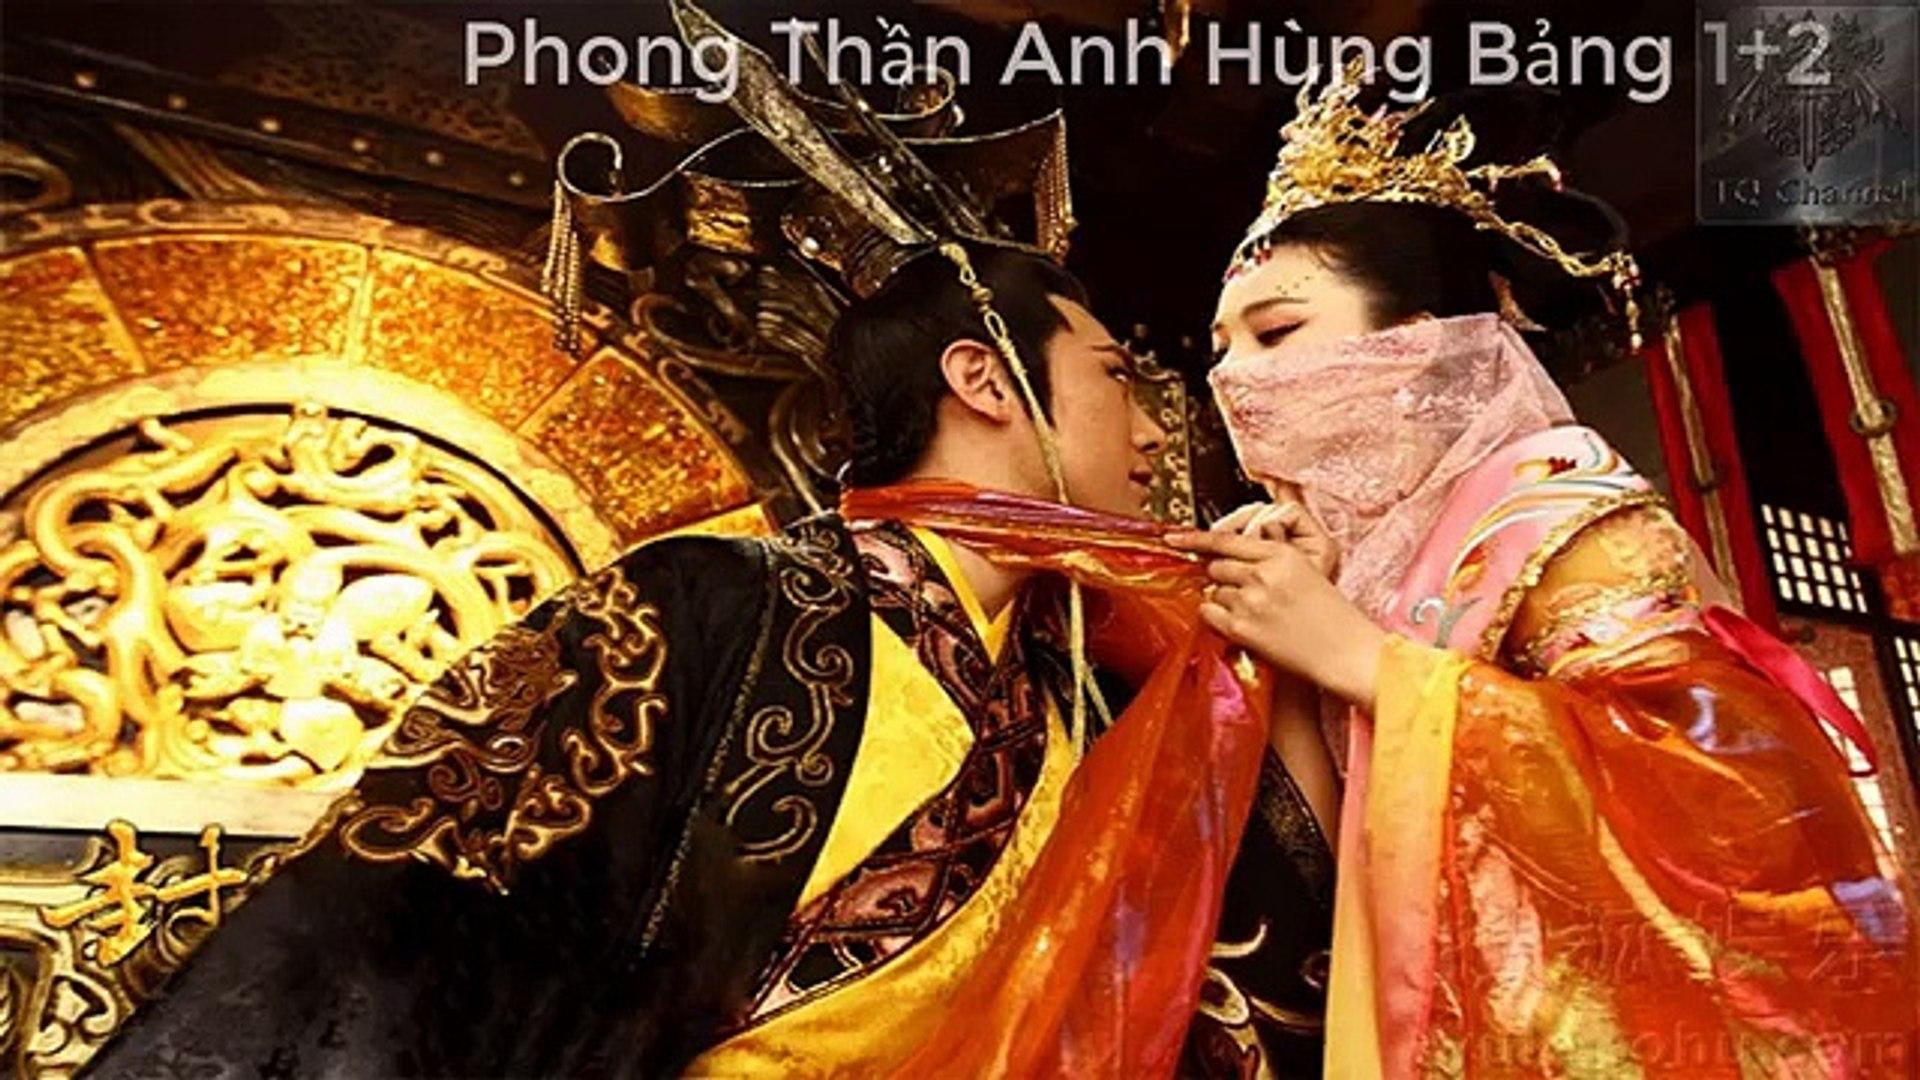 Tổng Hợp Những Bộ Phim Tiên Hiệp Trung Quốc Đáng Xem Nhất Phần 1 - - TQ Channel -